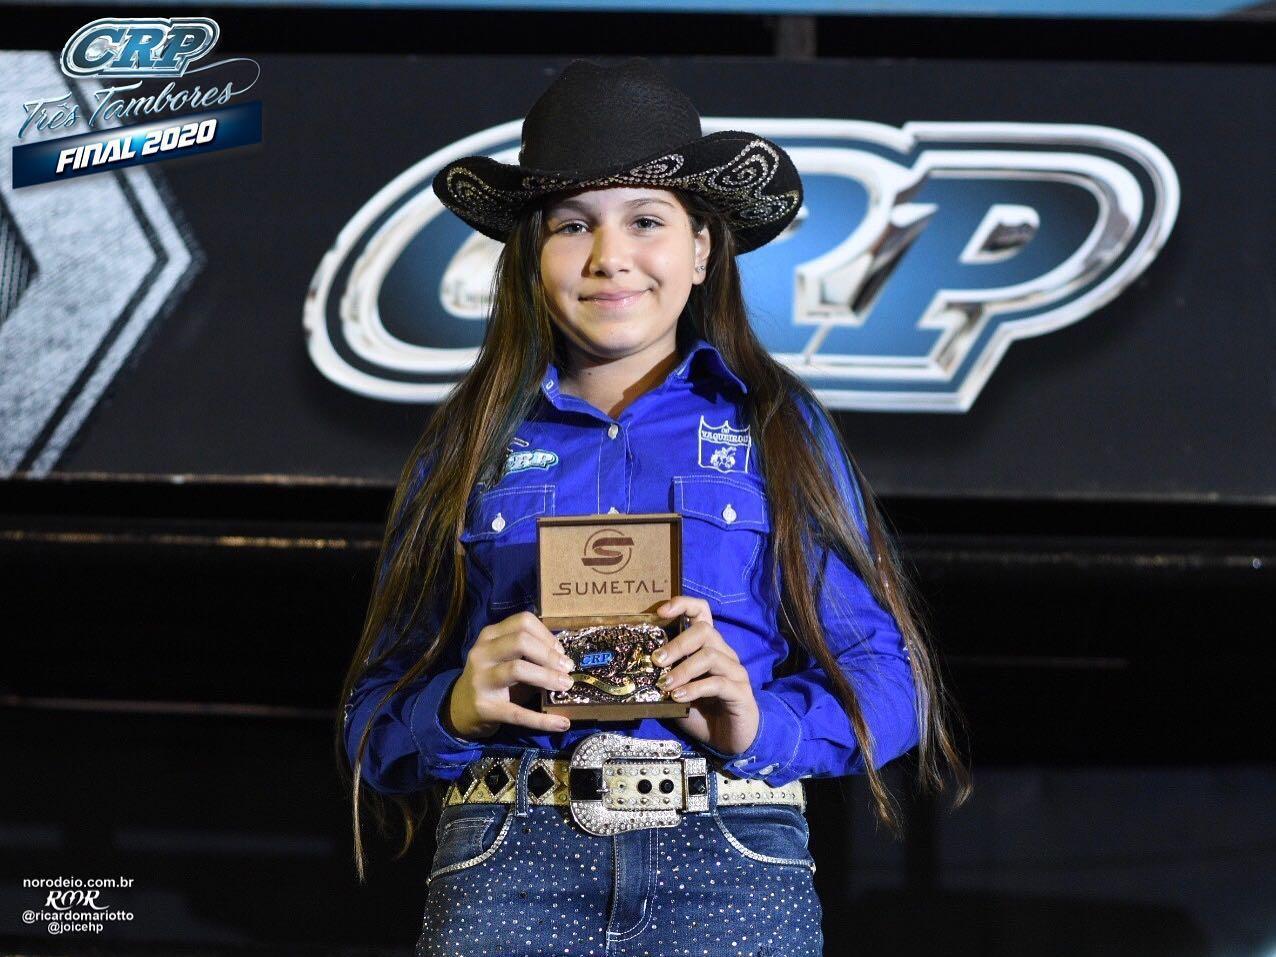 Competidora de Quatá é campeã da temporada 2020 do CRP Três Tambores